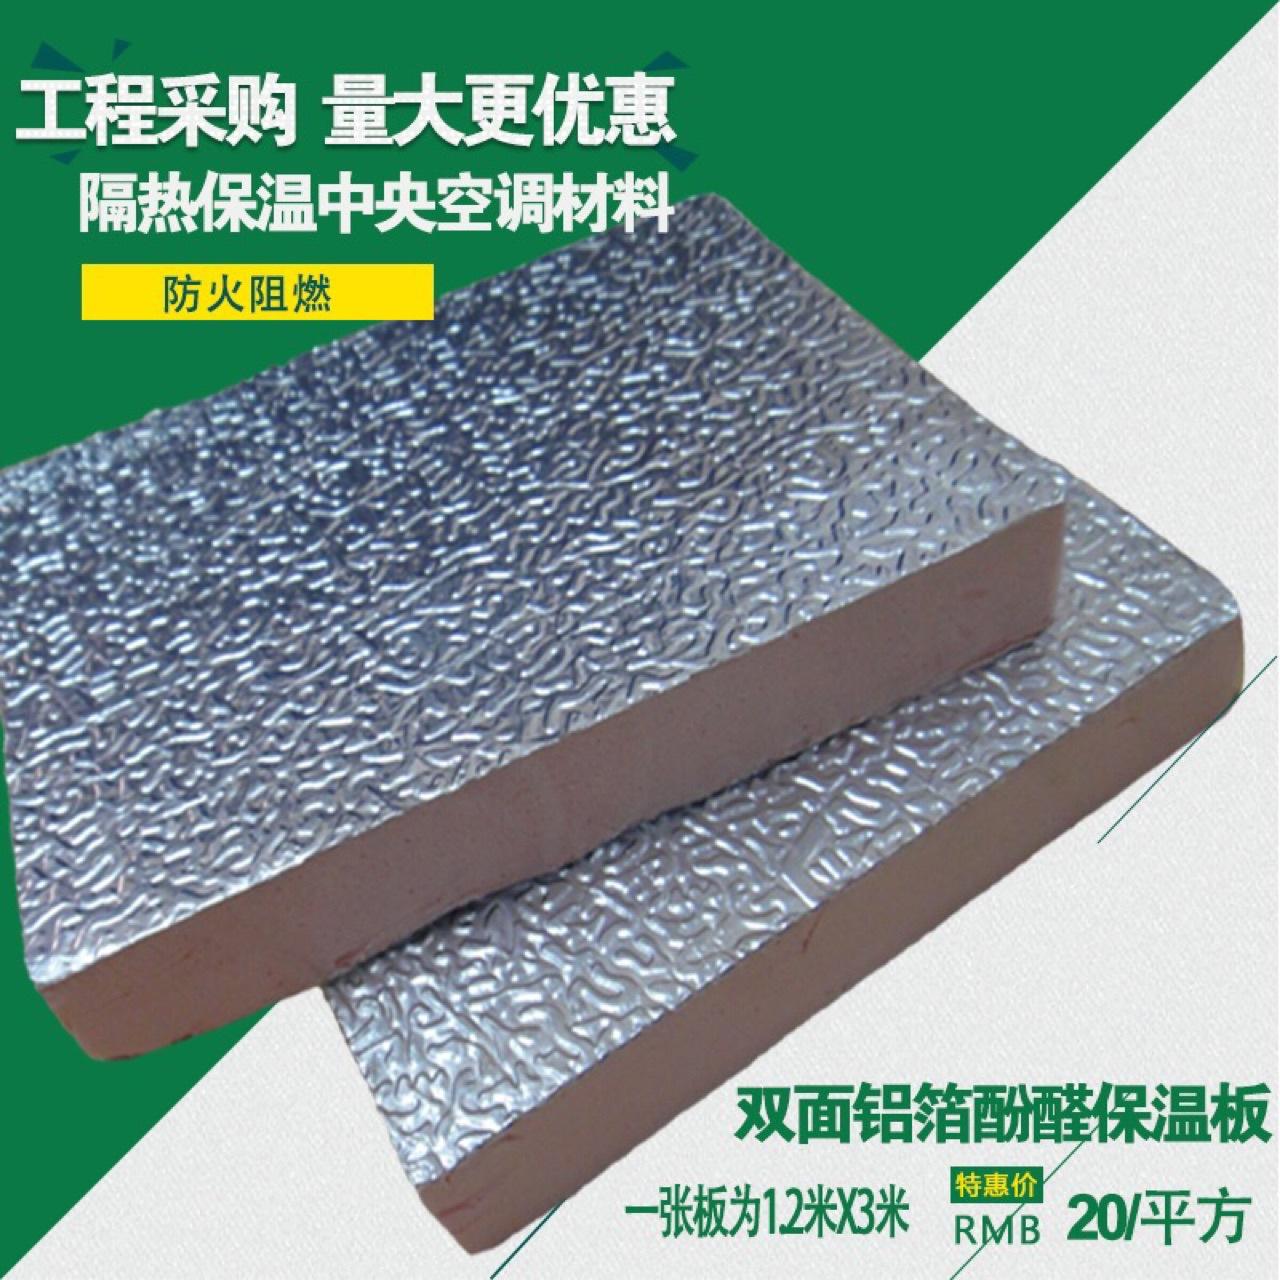 阳光房隔热板批发双面铝箔酚醛保温板复合板空调风板铝箔保温板